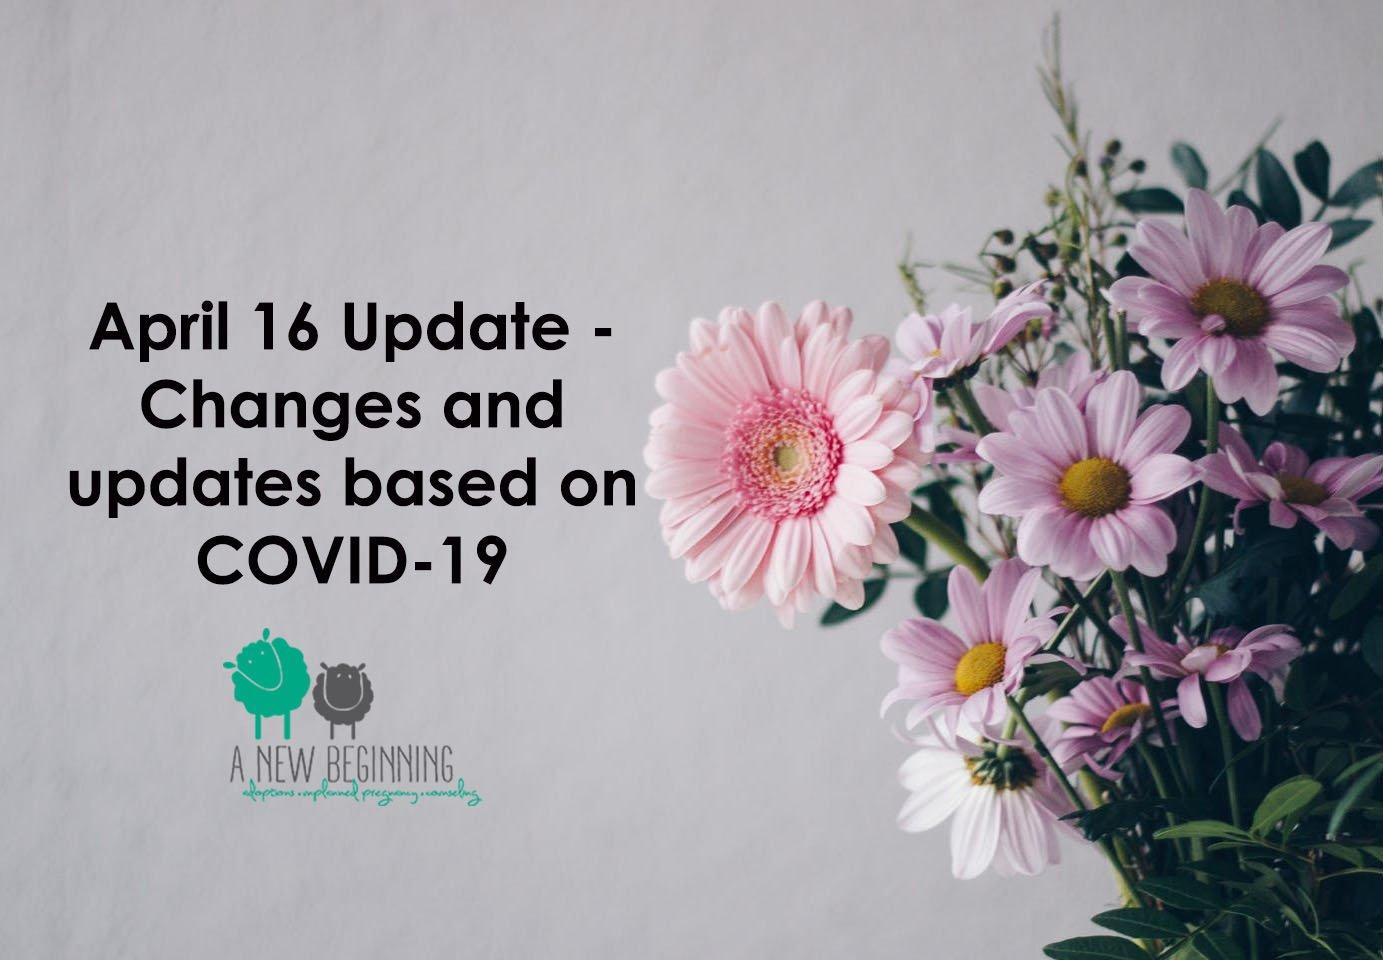 COVID-19 UPDATE April 16